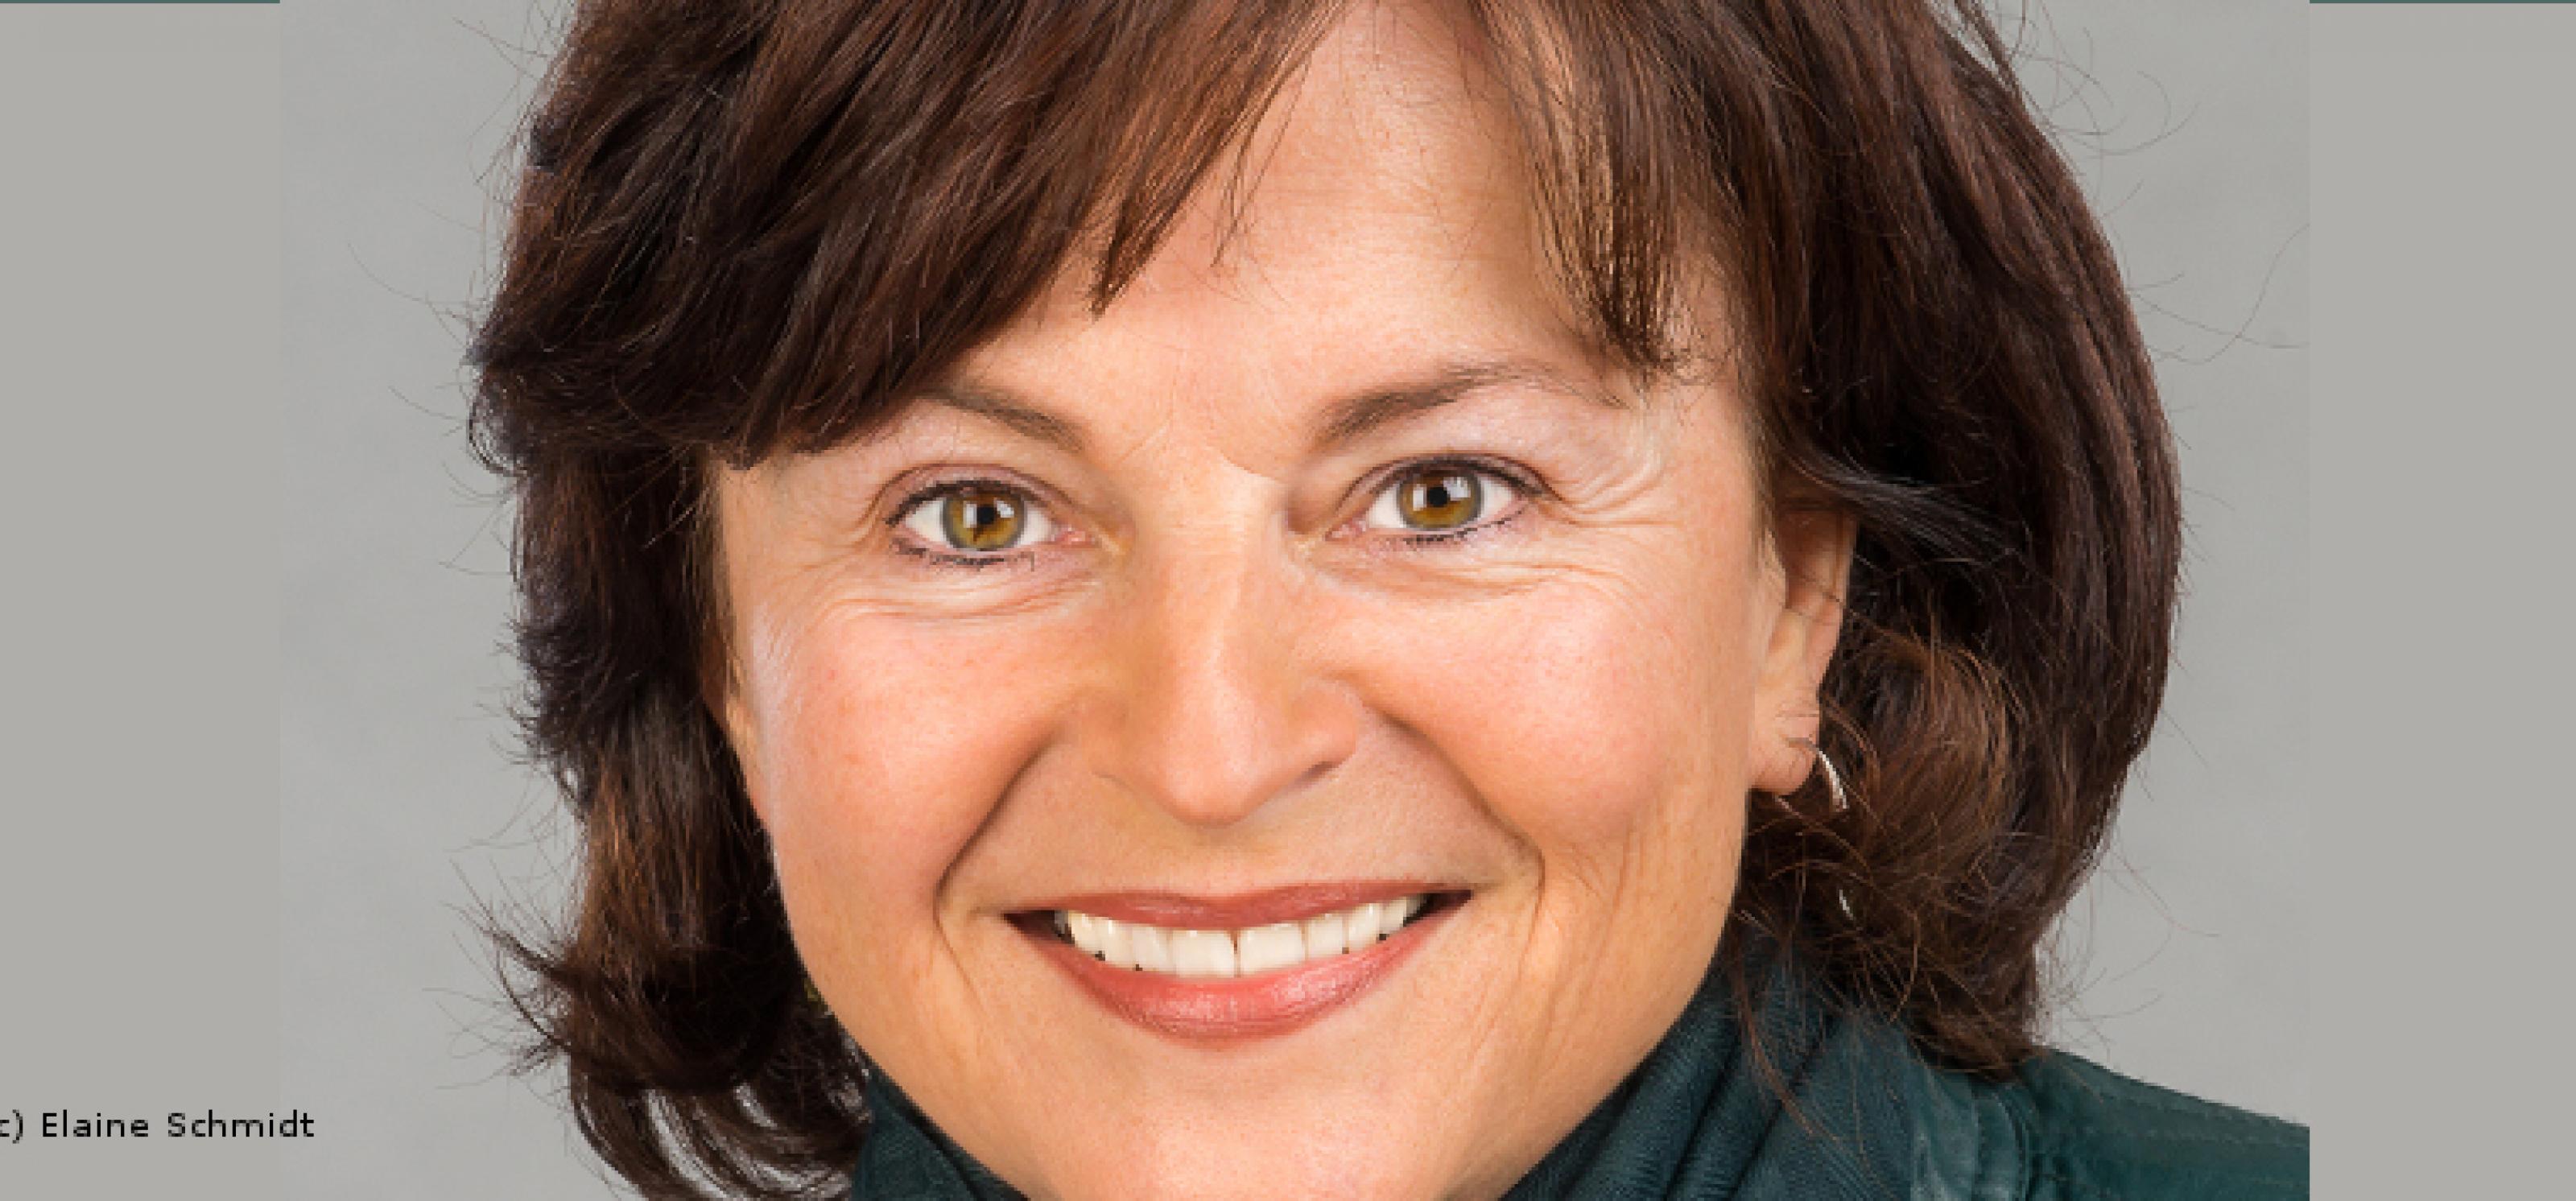 Die Bundesdrogenbeauftragte Marlene Mortler will Spritzentausch in Haft